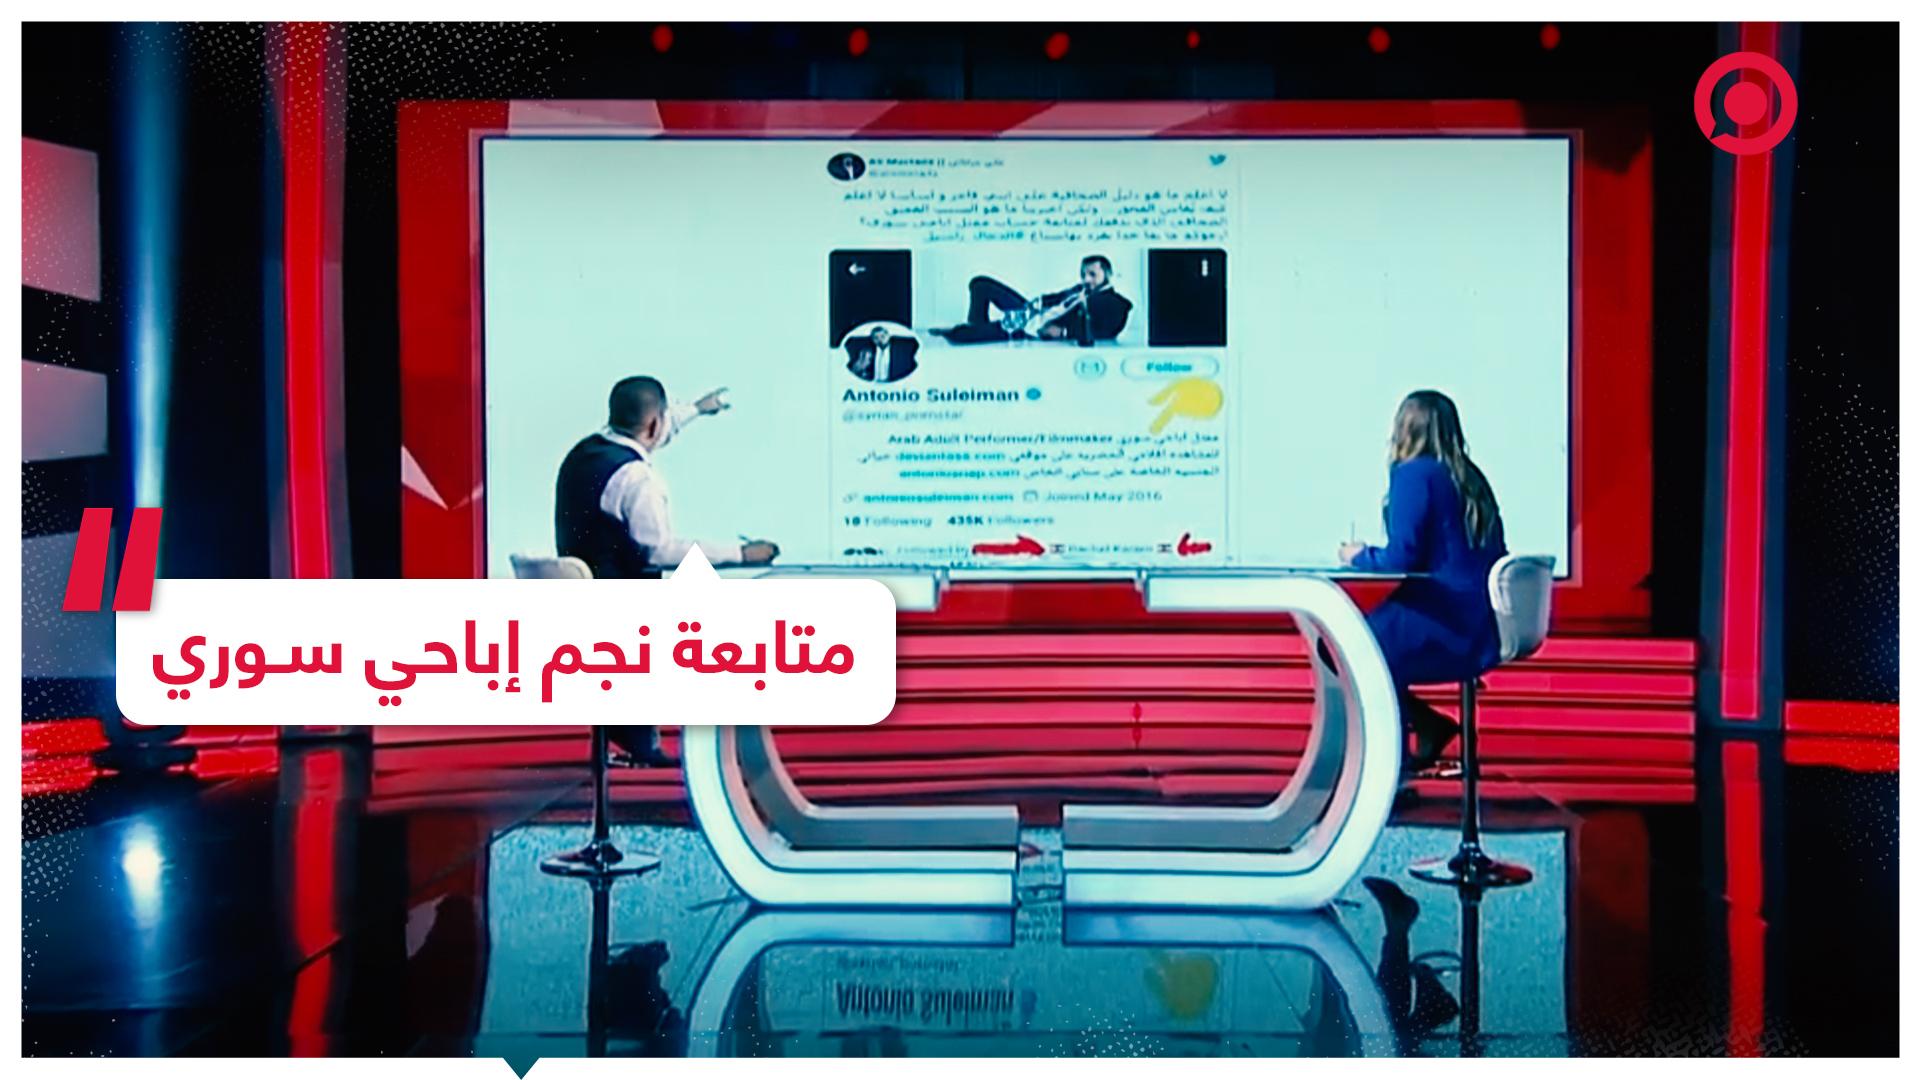 إعلامية لبنانية تتابع ممثلا إباحيا سوريا وتكشف السبب!